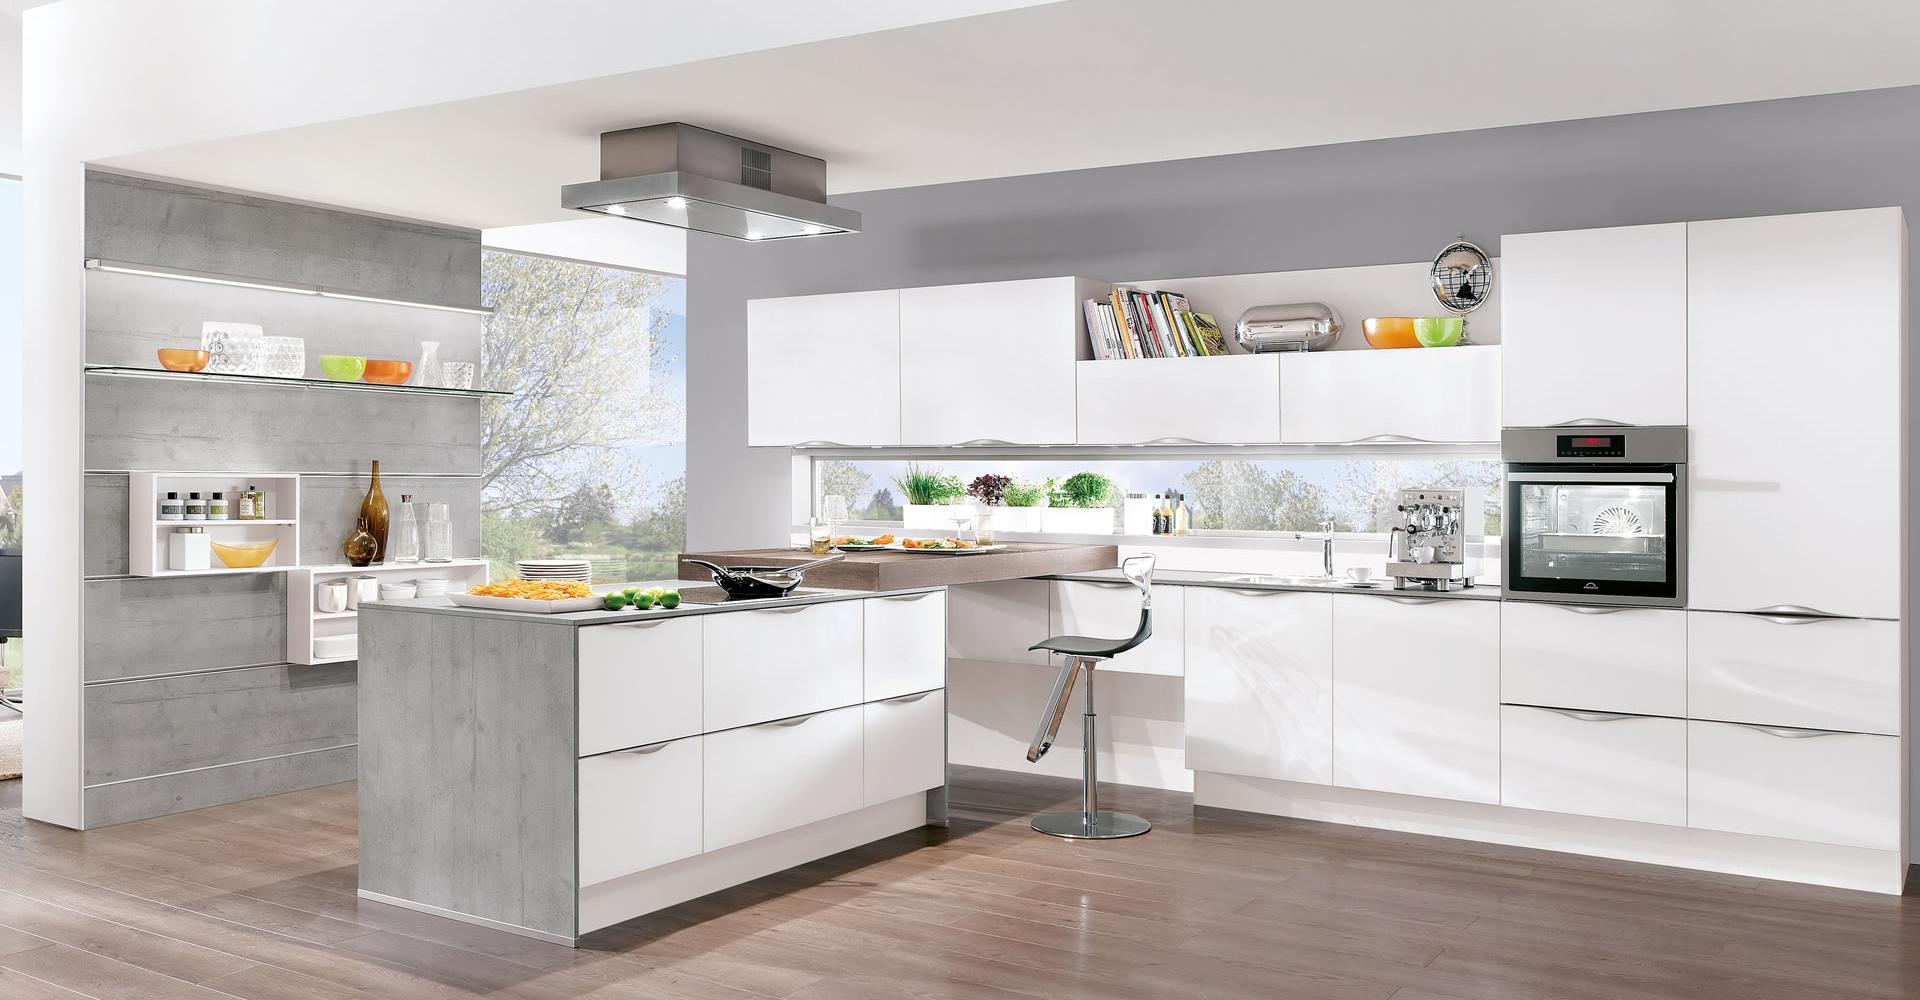 Nobilia Keuken Onderdelen : Nobilia dealer hoogeveen drenthe